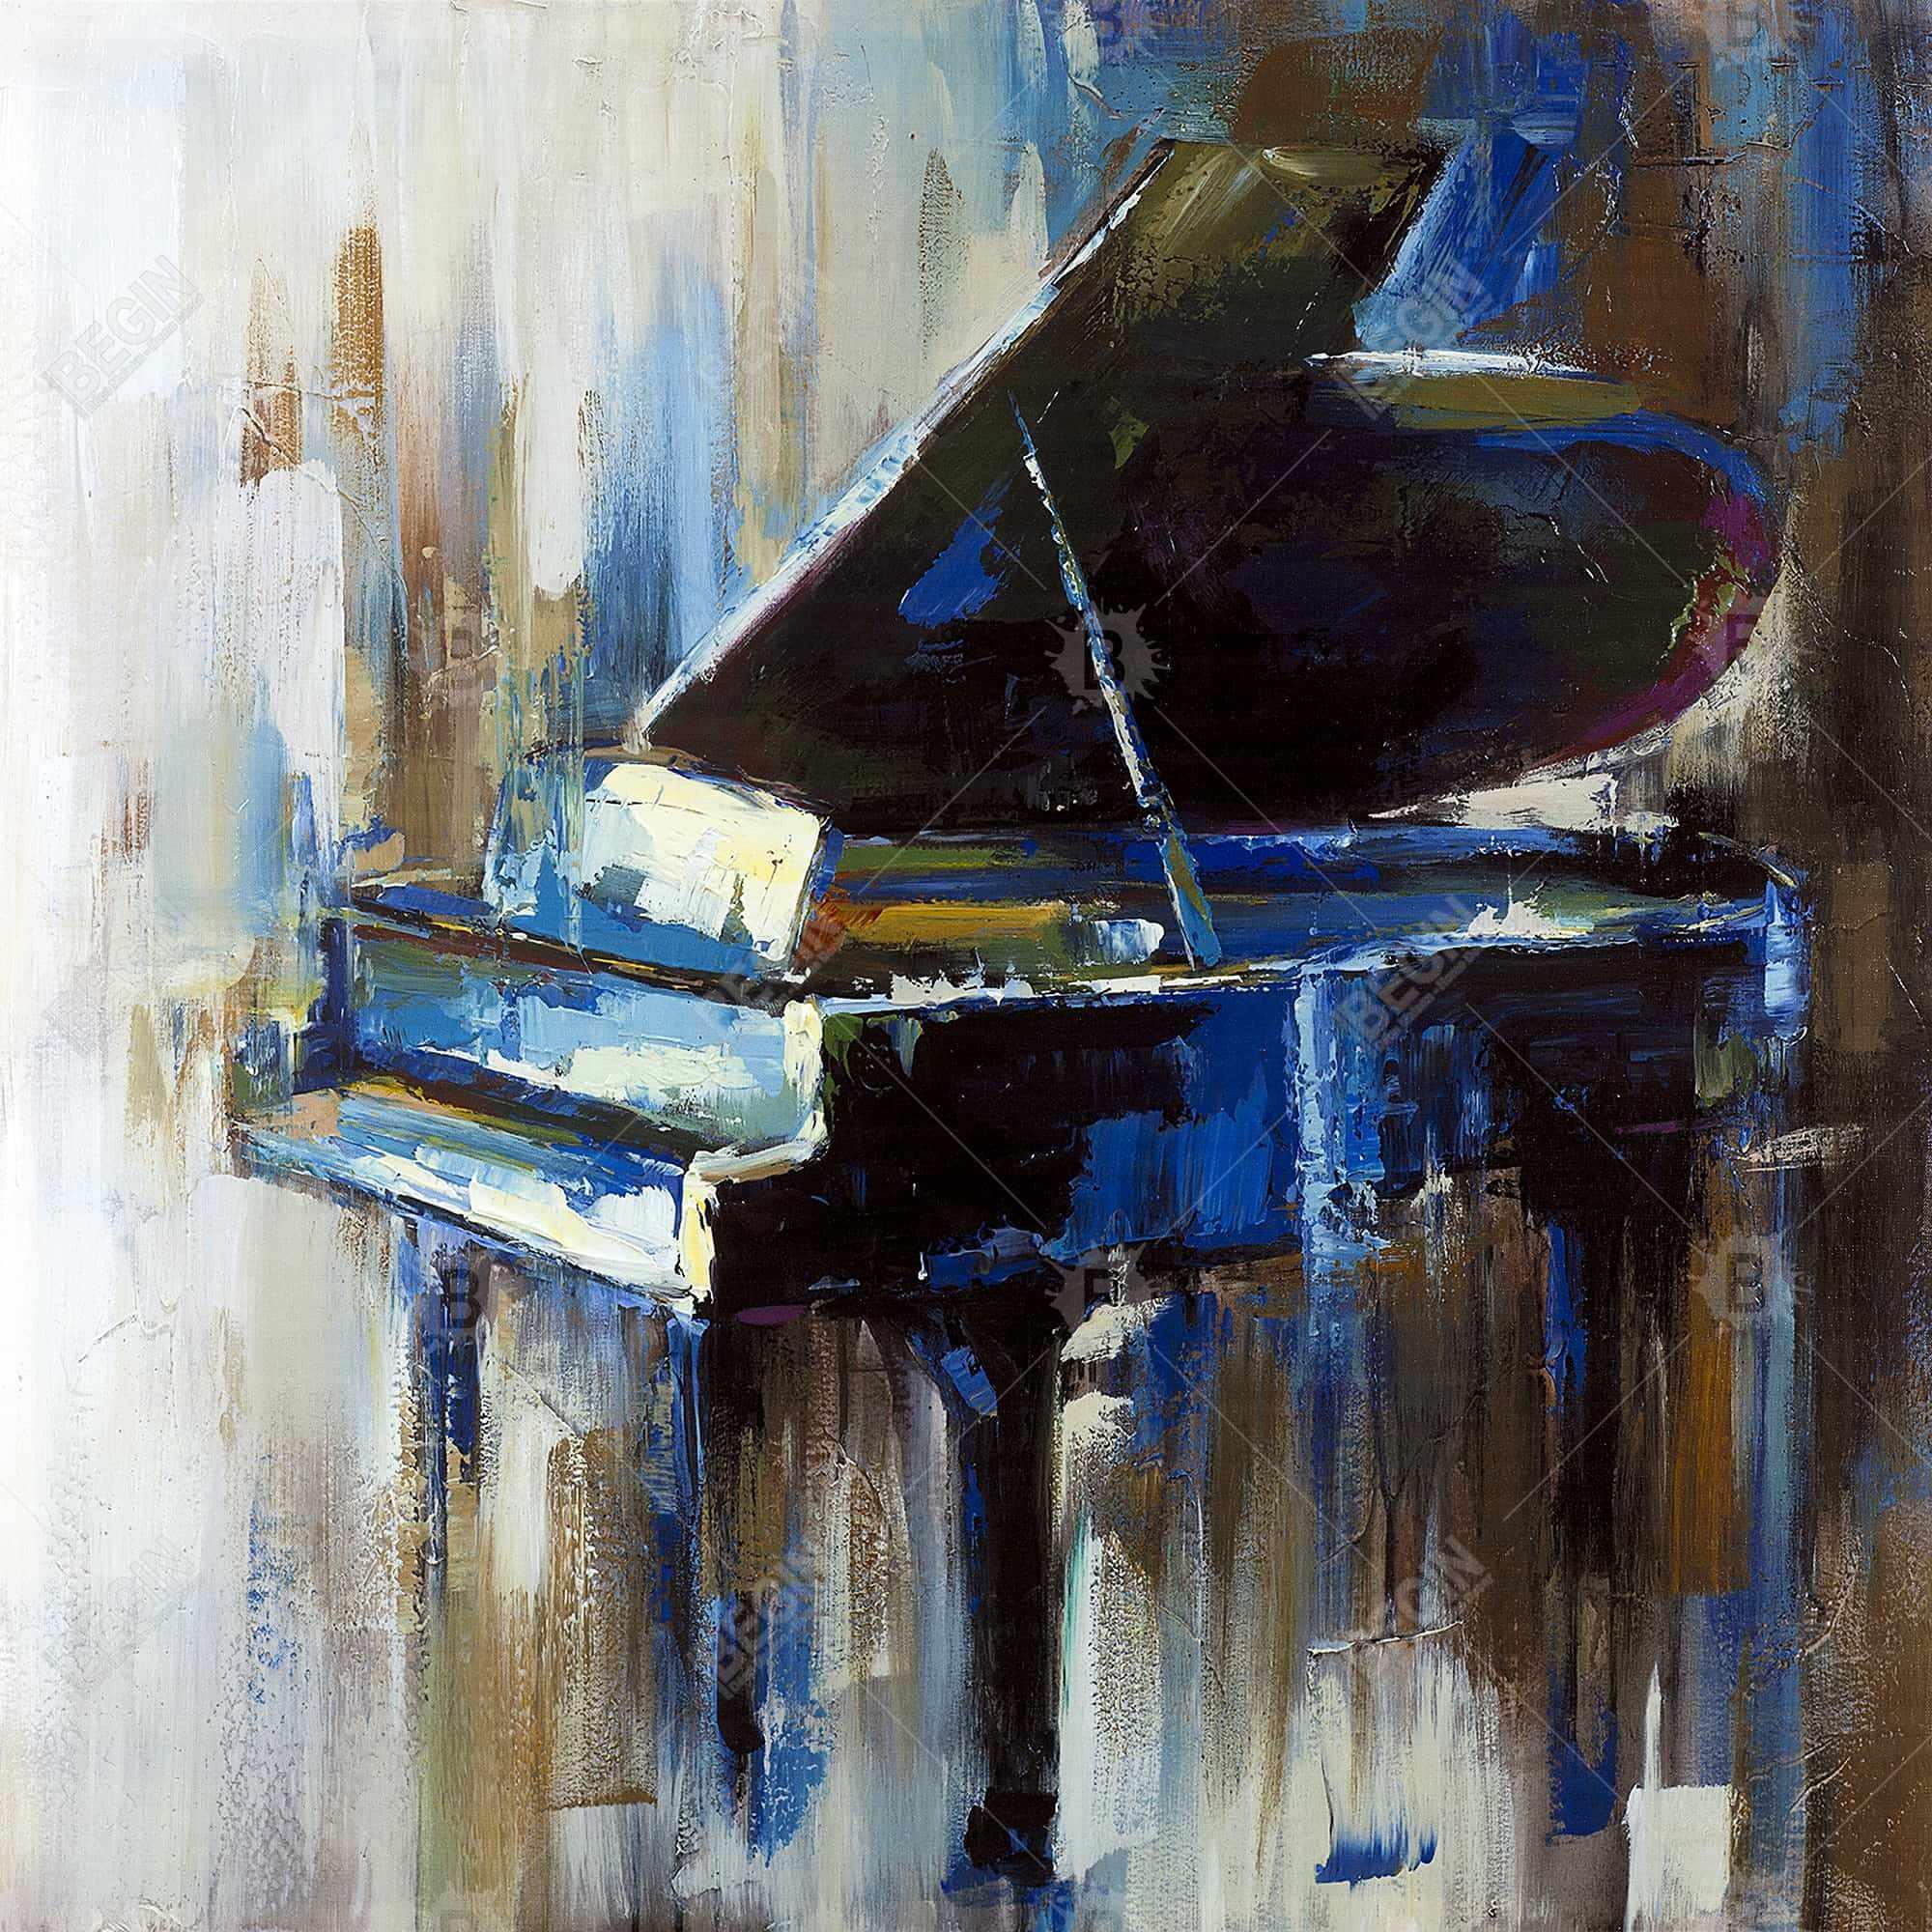 Piano à queue abstrait